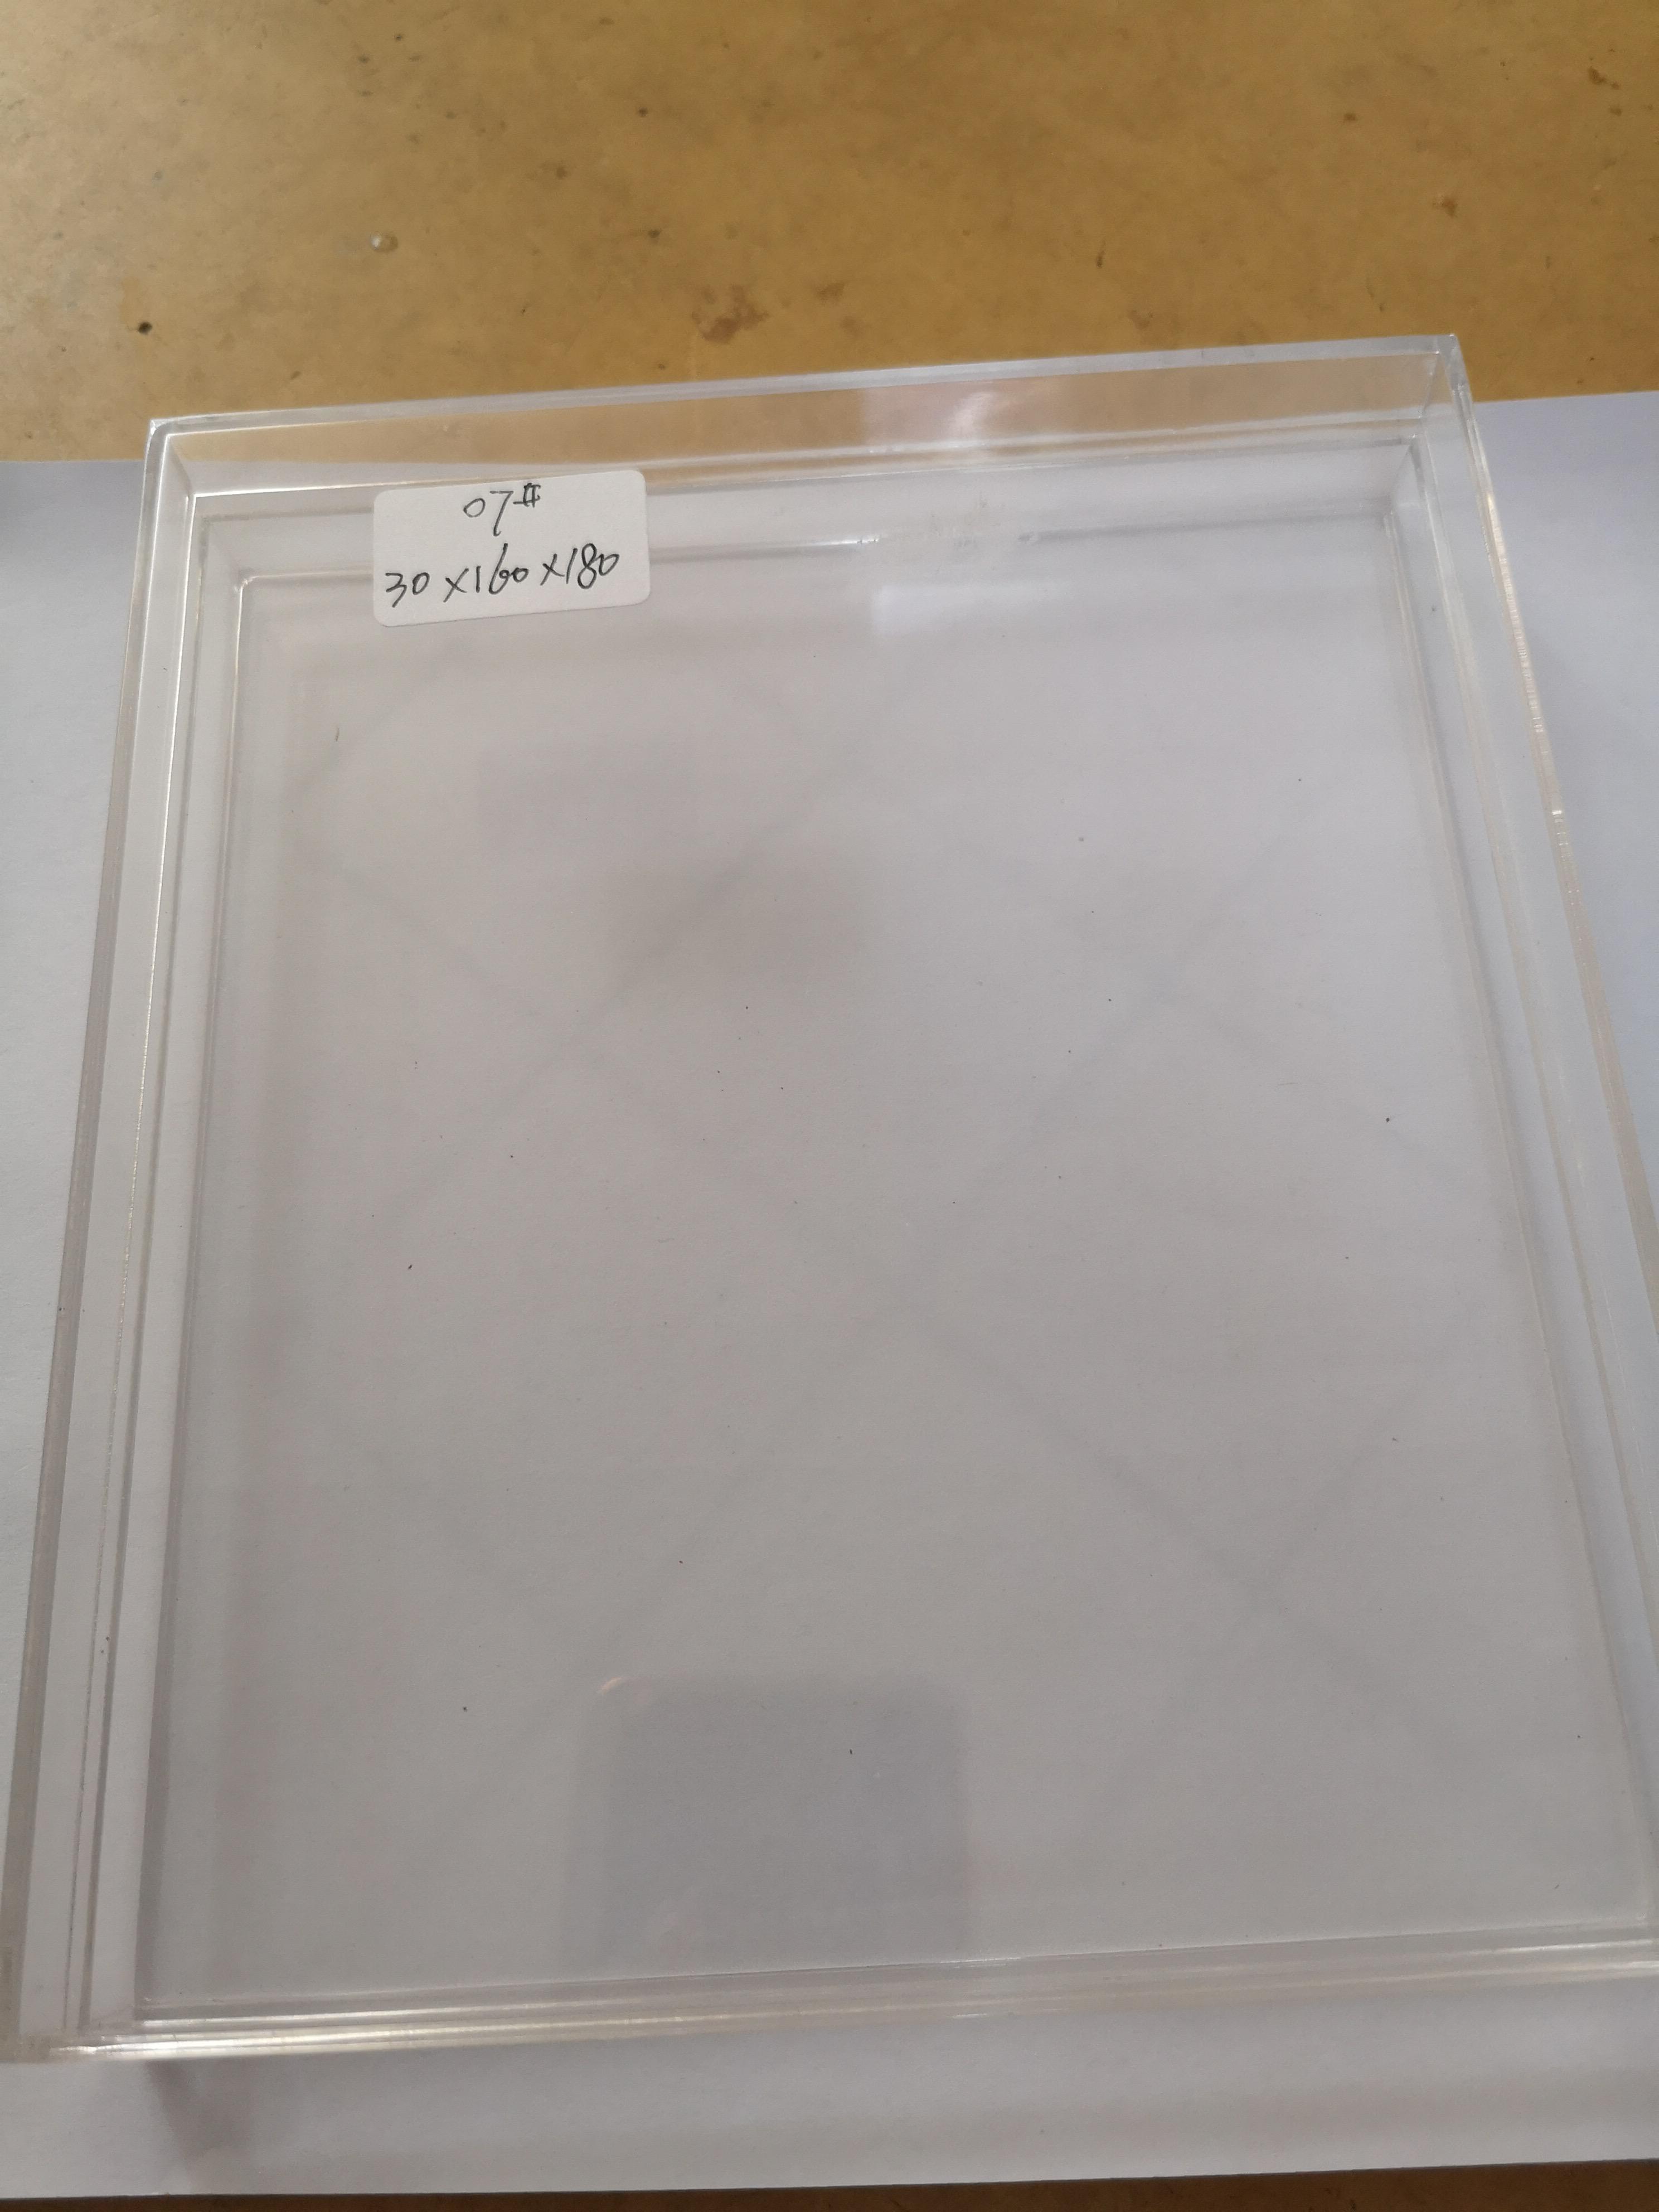 深圳透明盒报价,深圳透明盒厂家定制,深圳透明盒批发多少钱